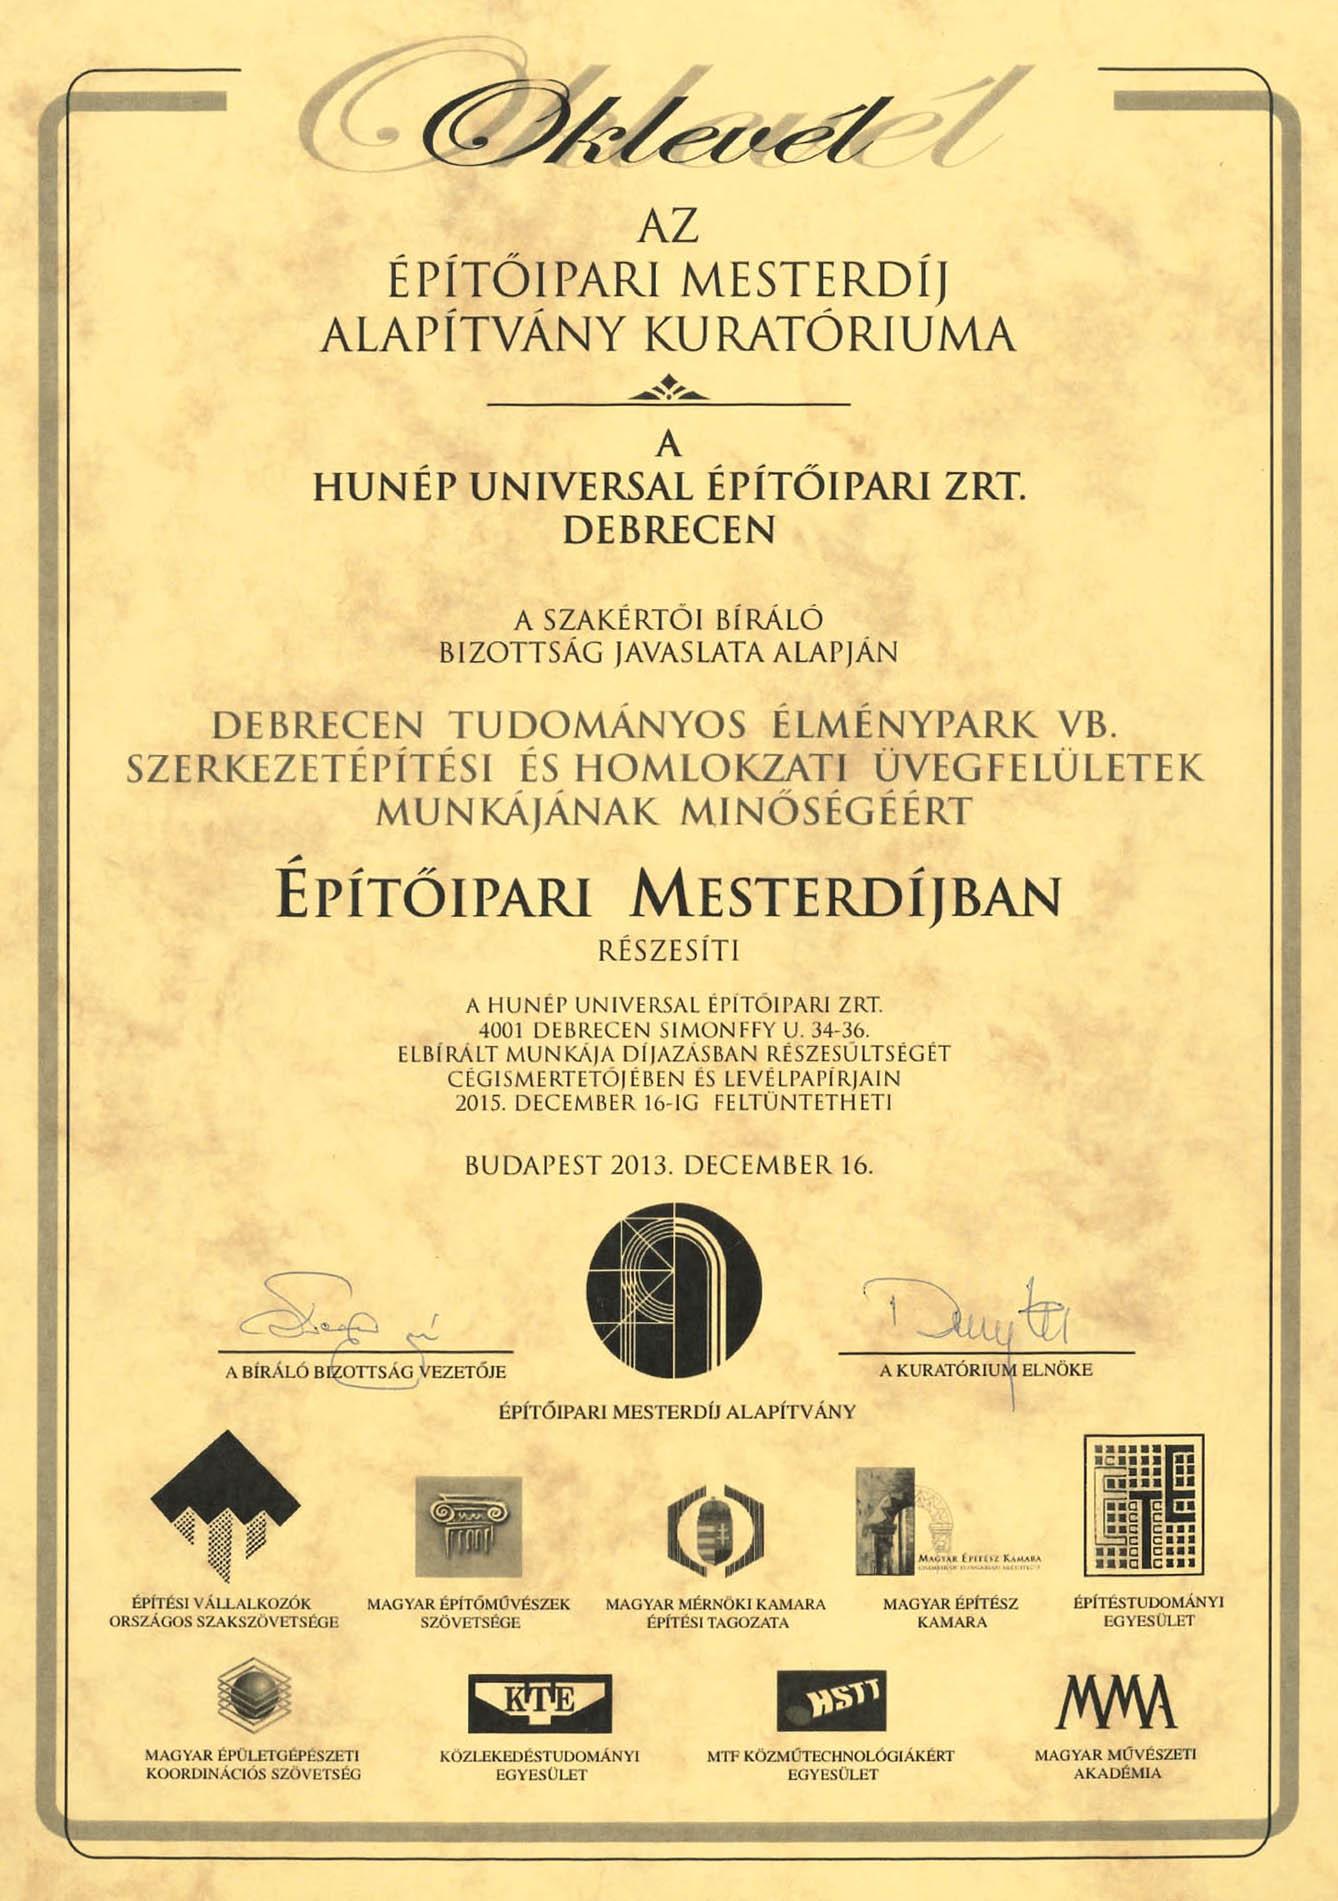 Debreceni Tudományos Élménypark